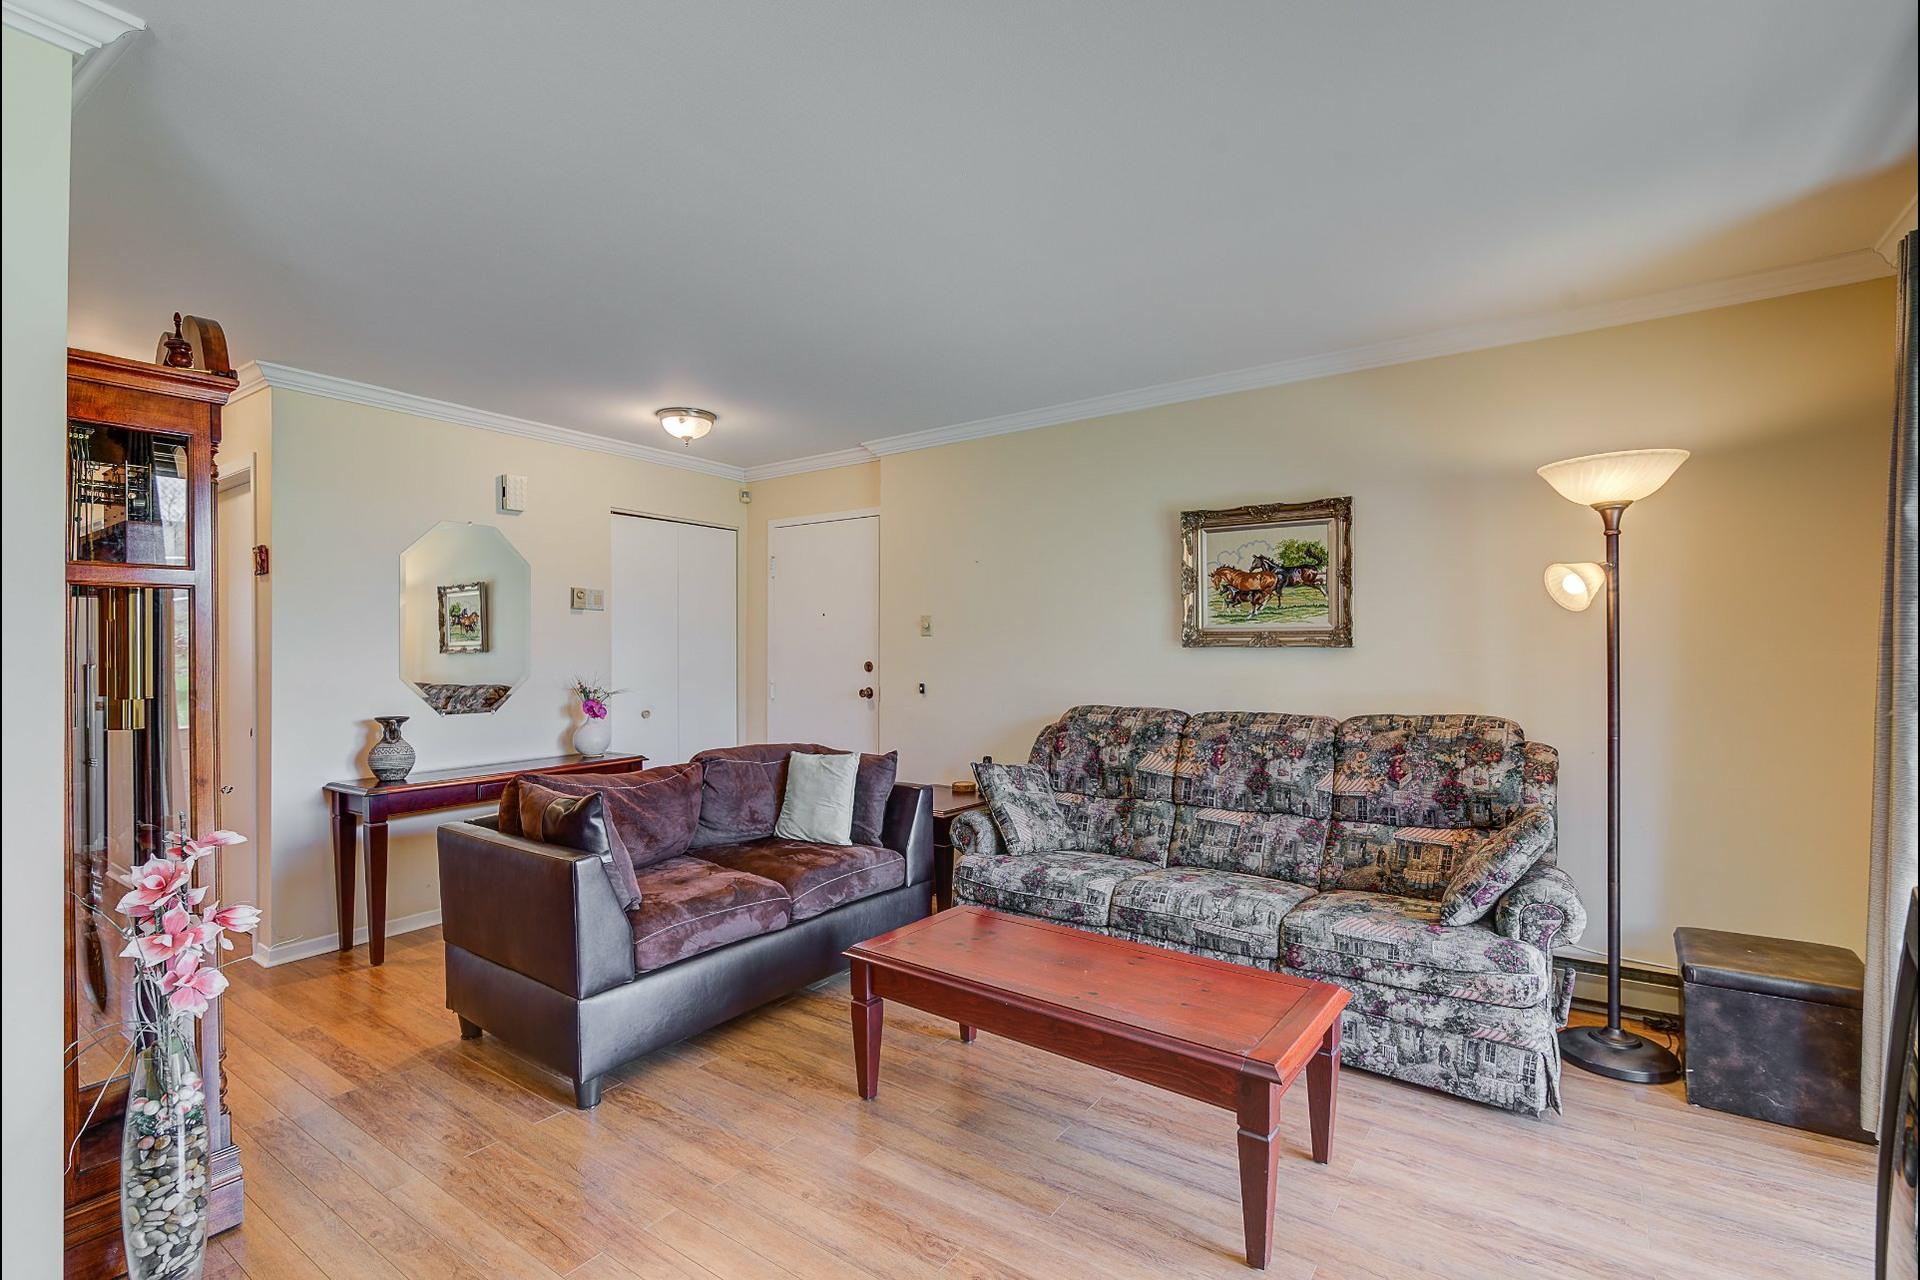 image 2 - Appartement À vendre Laval Chomedey  - 7 pièces